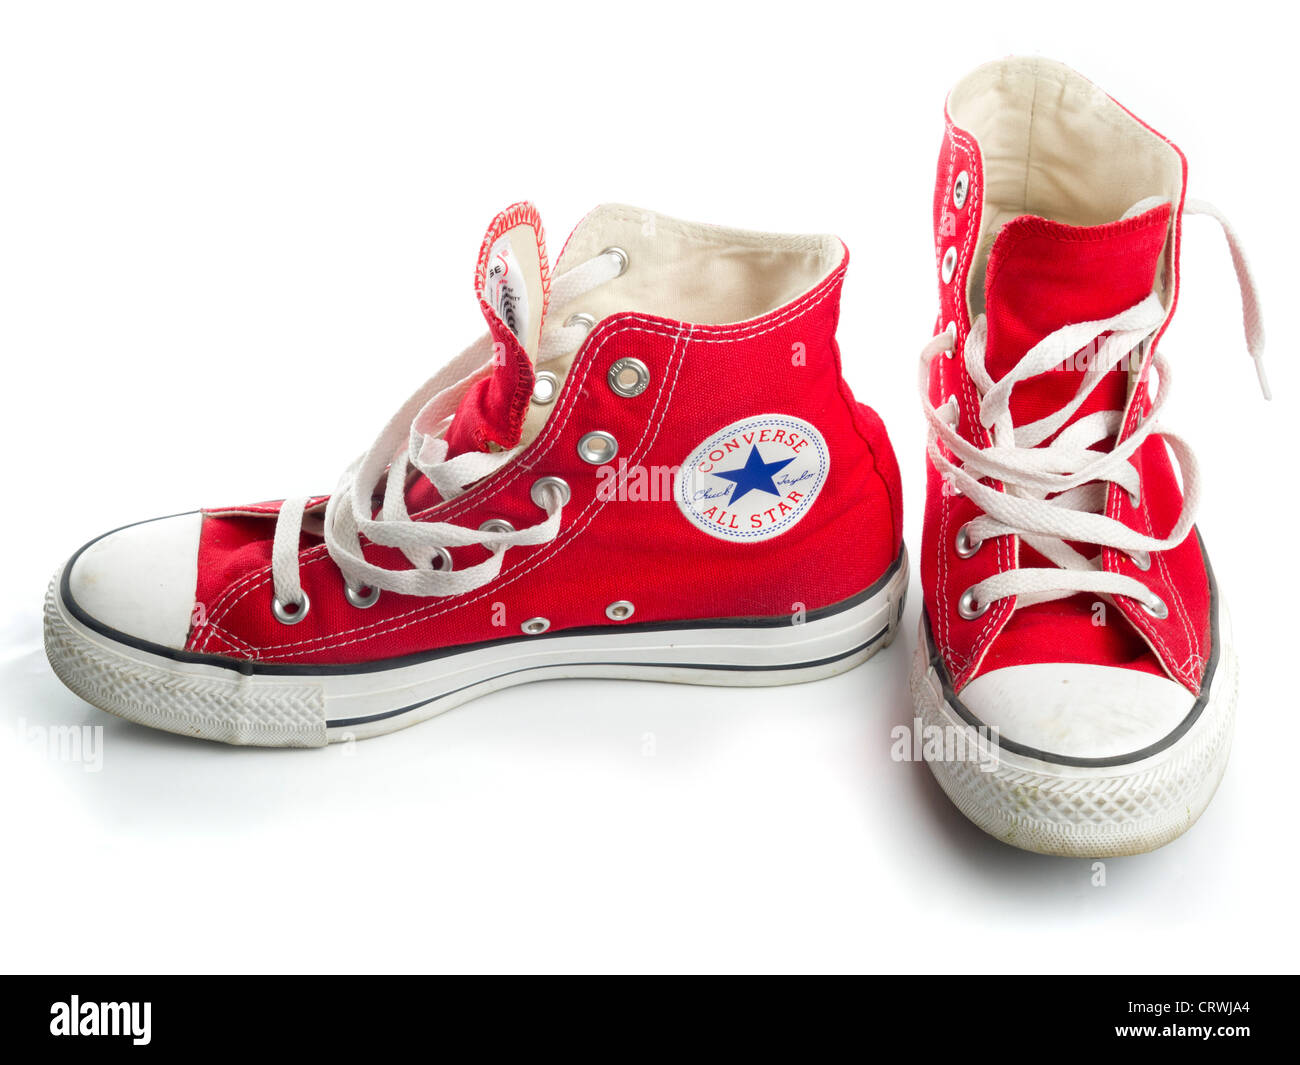 rote converse chucks